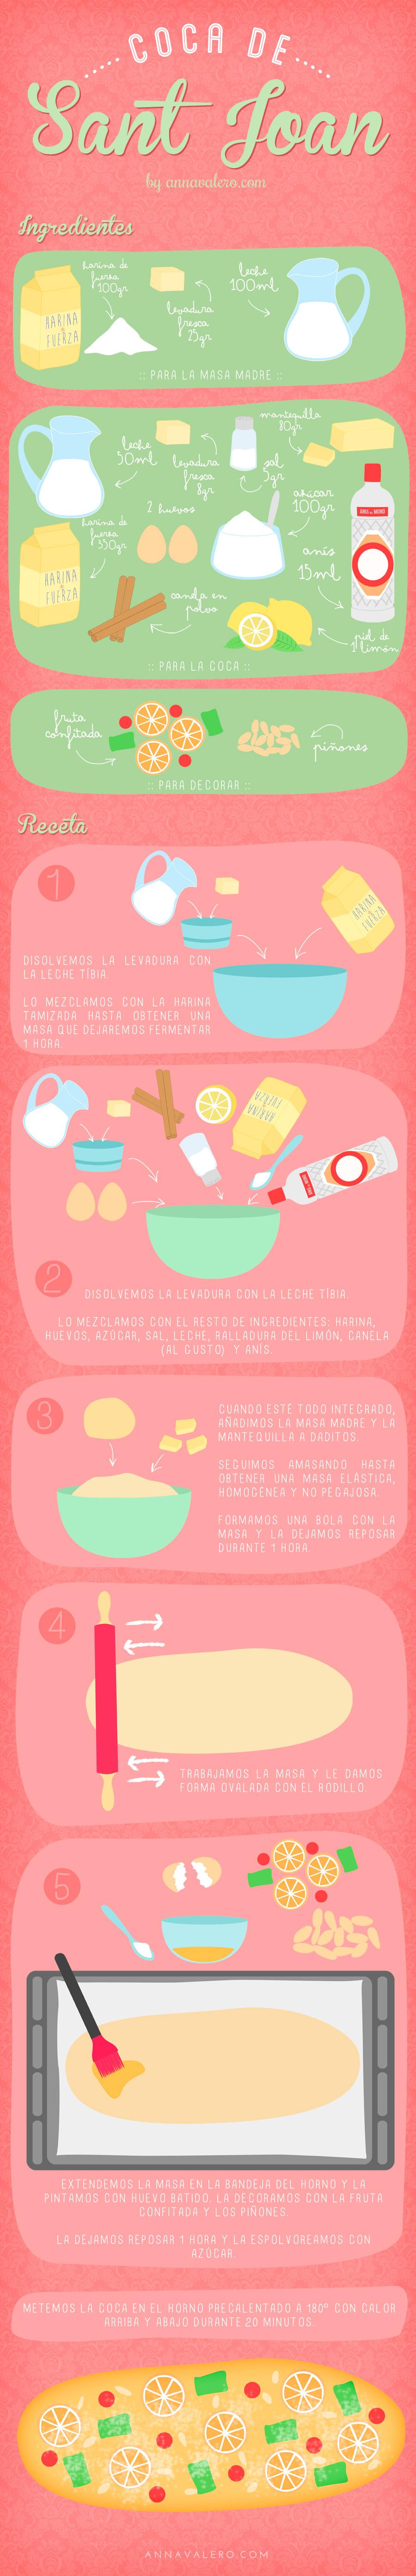 receta coca de sant joan